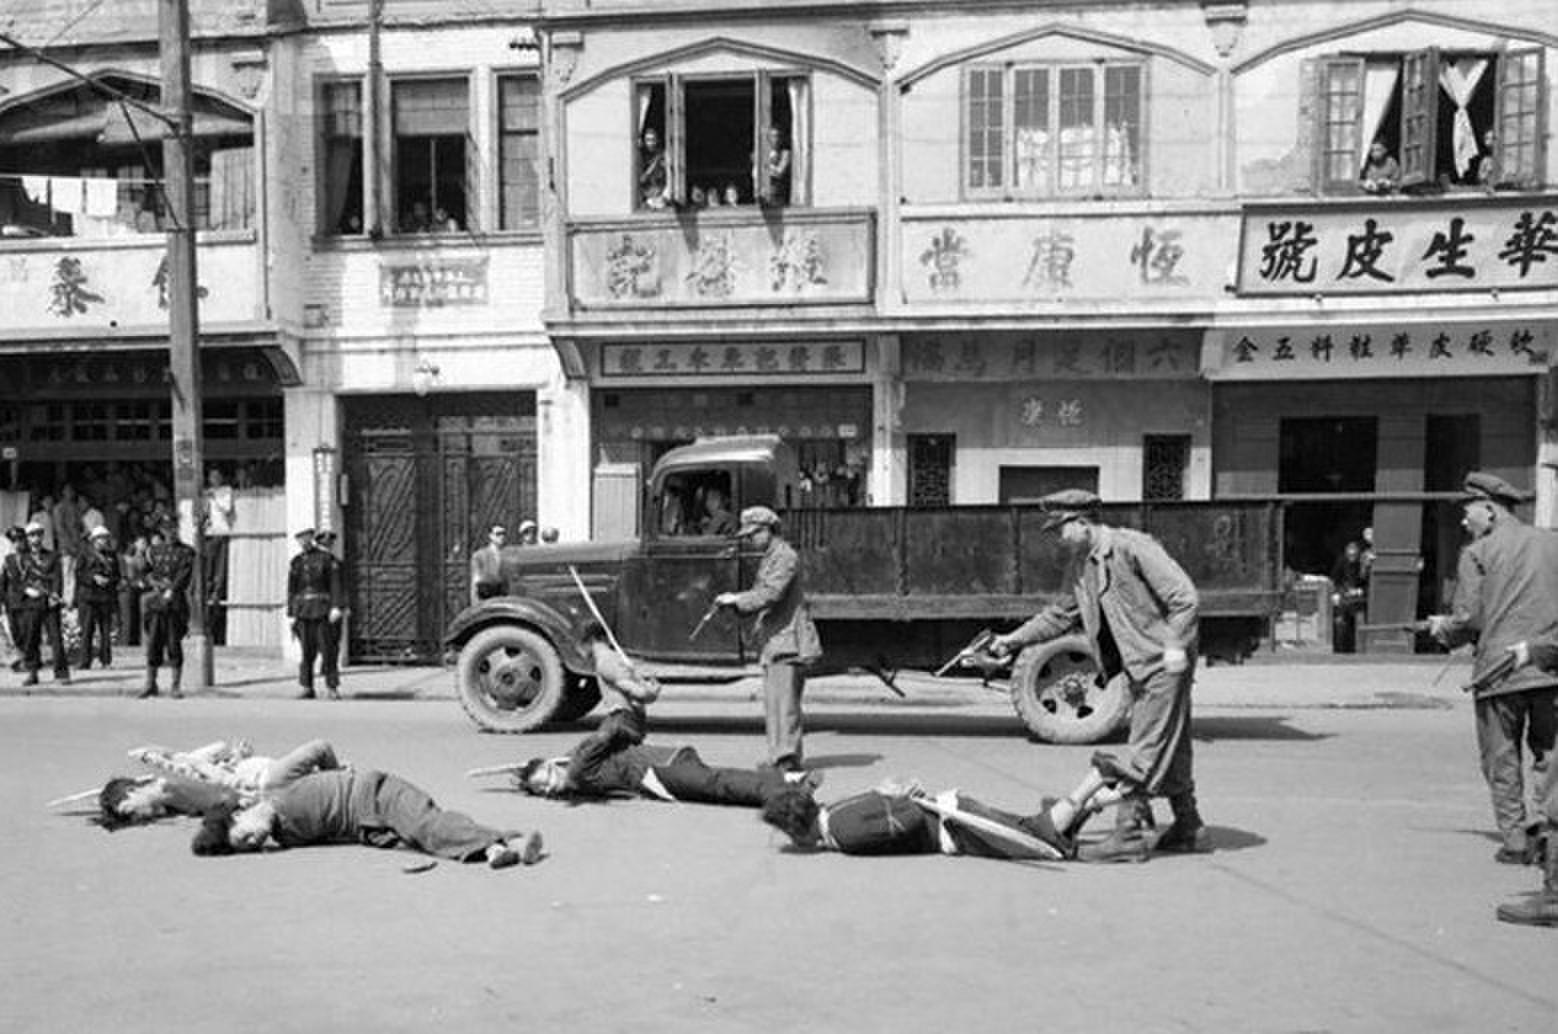 «Инцидент 228» - бойня с властями на Тайване